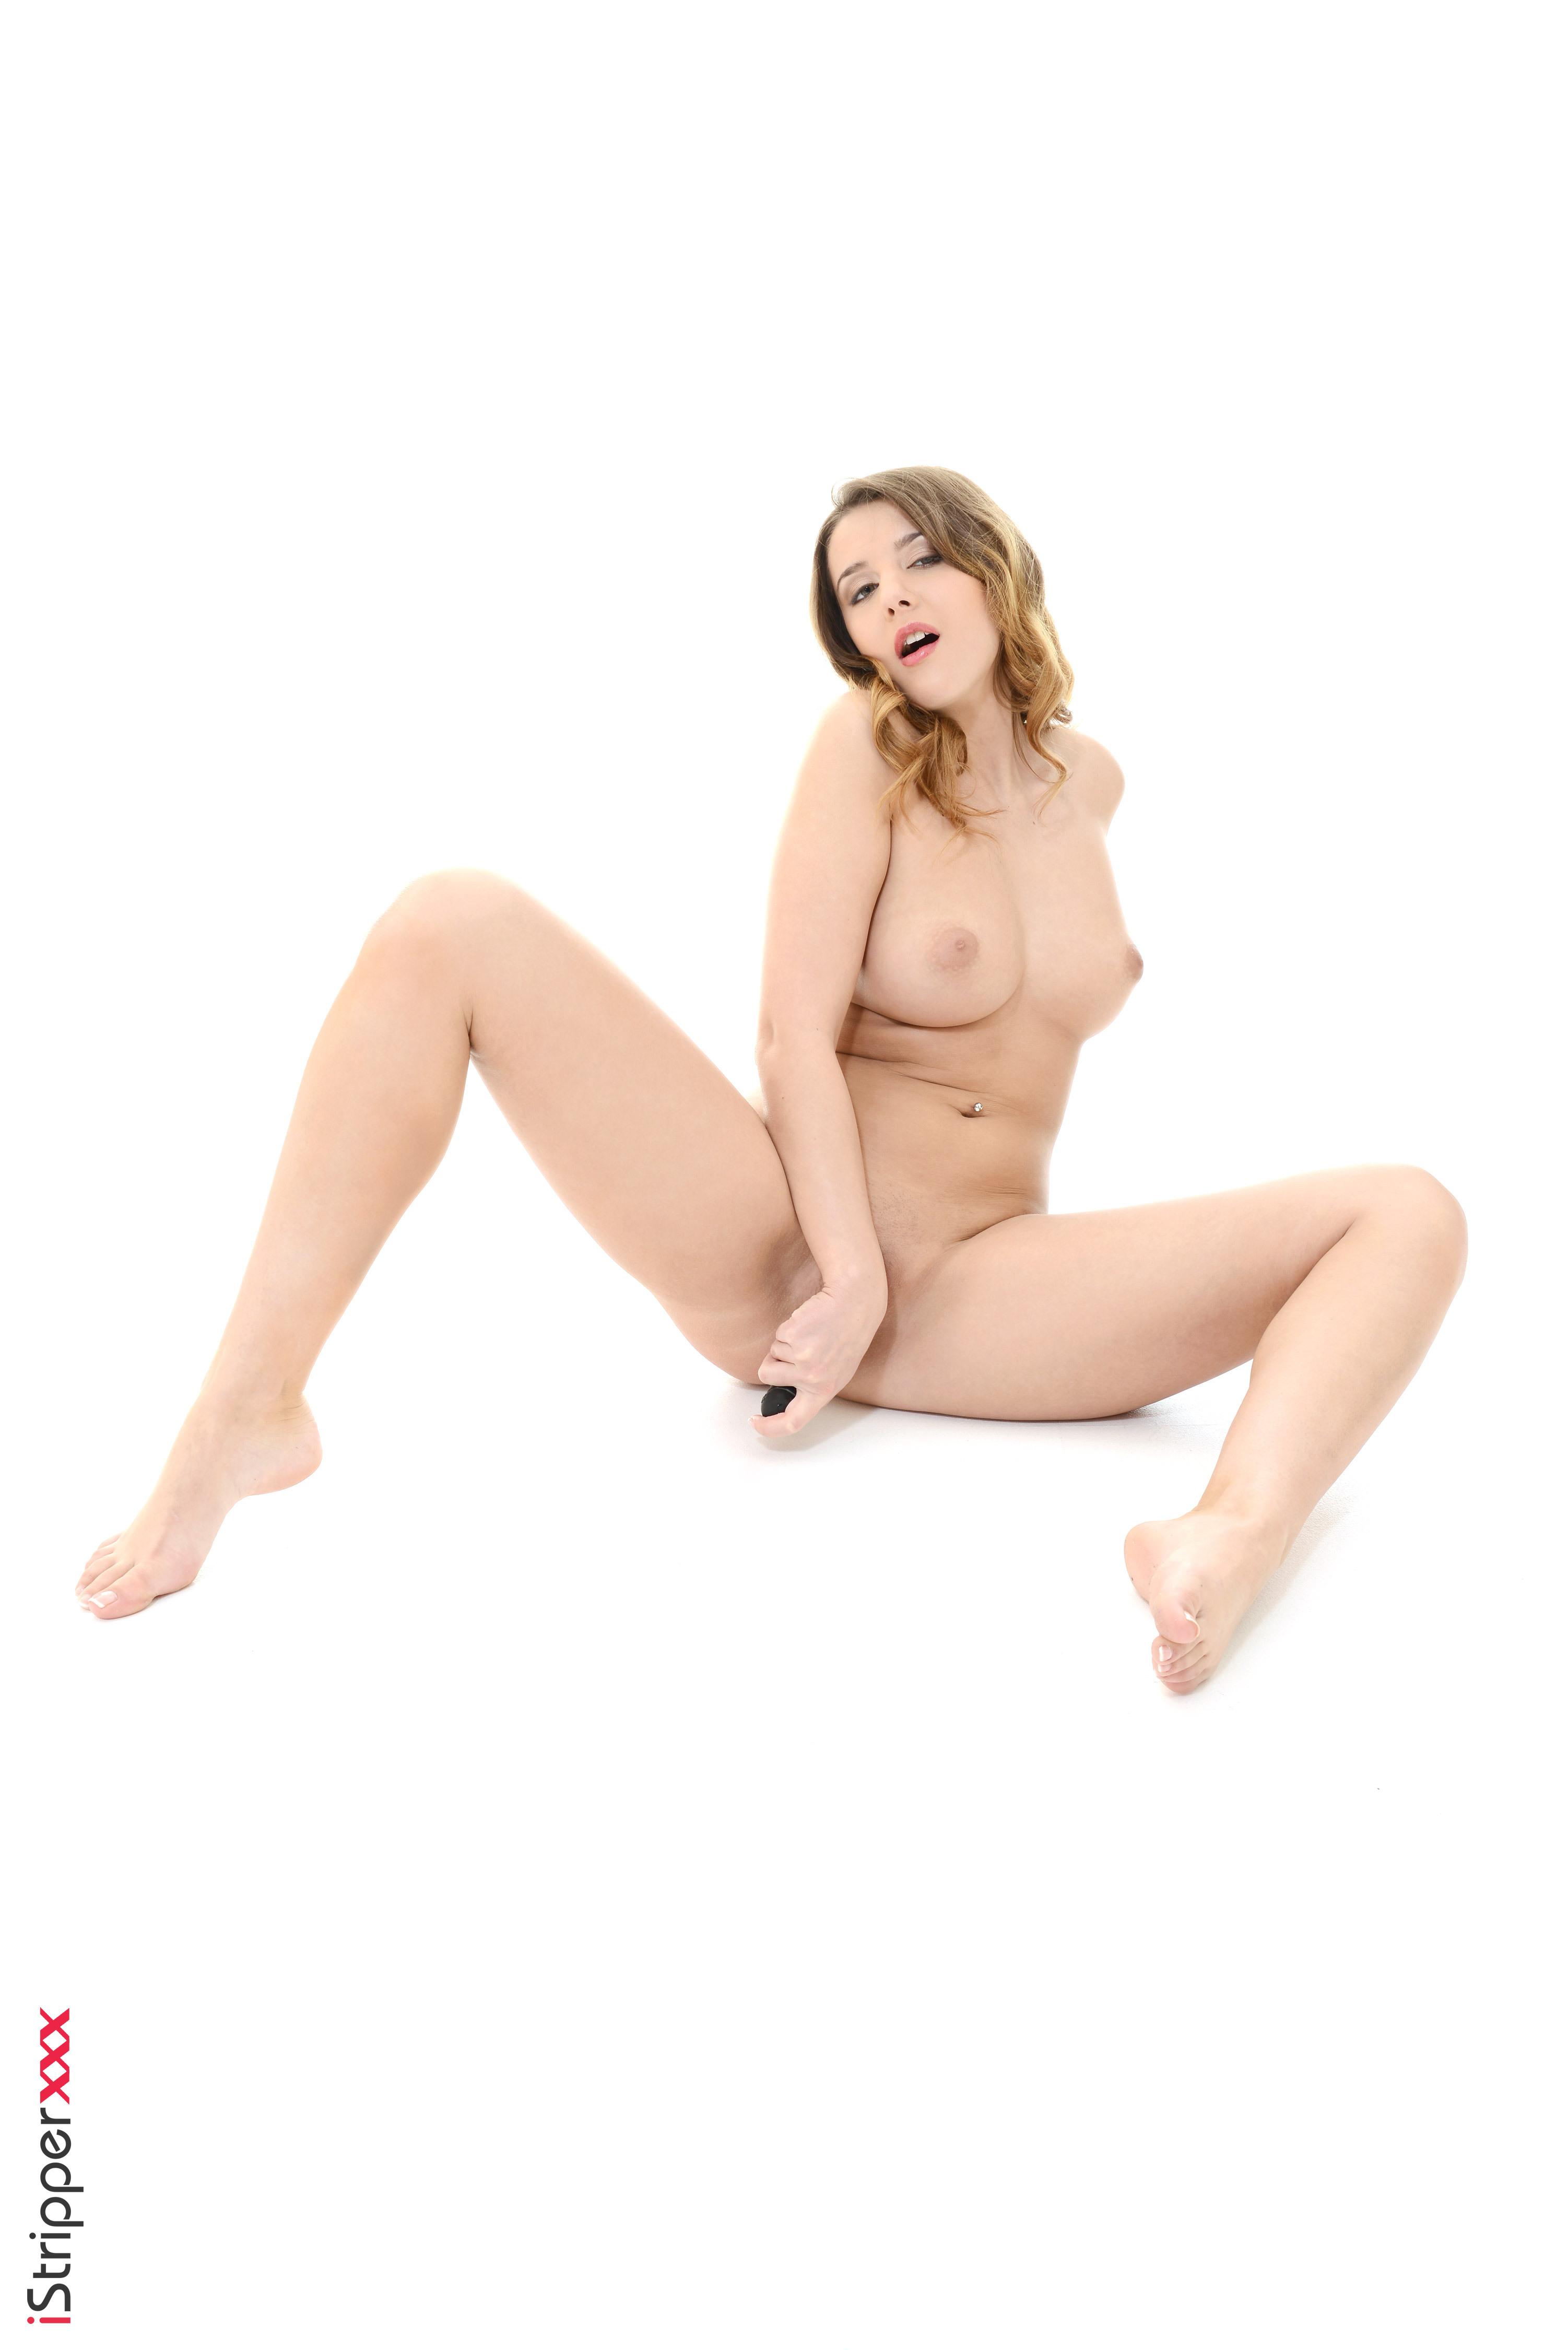 sexy pornstar wallpapers